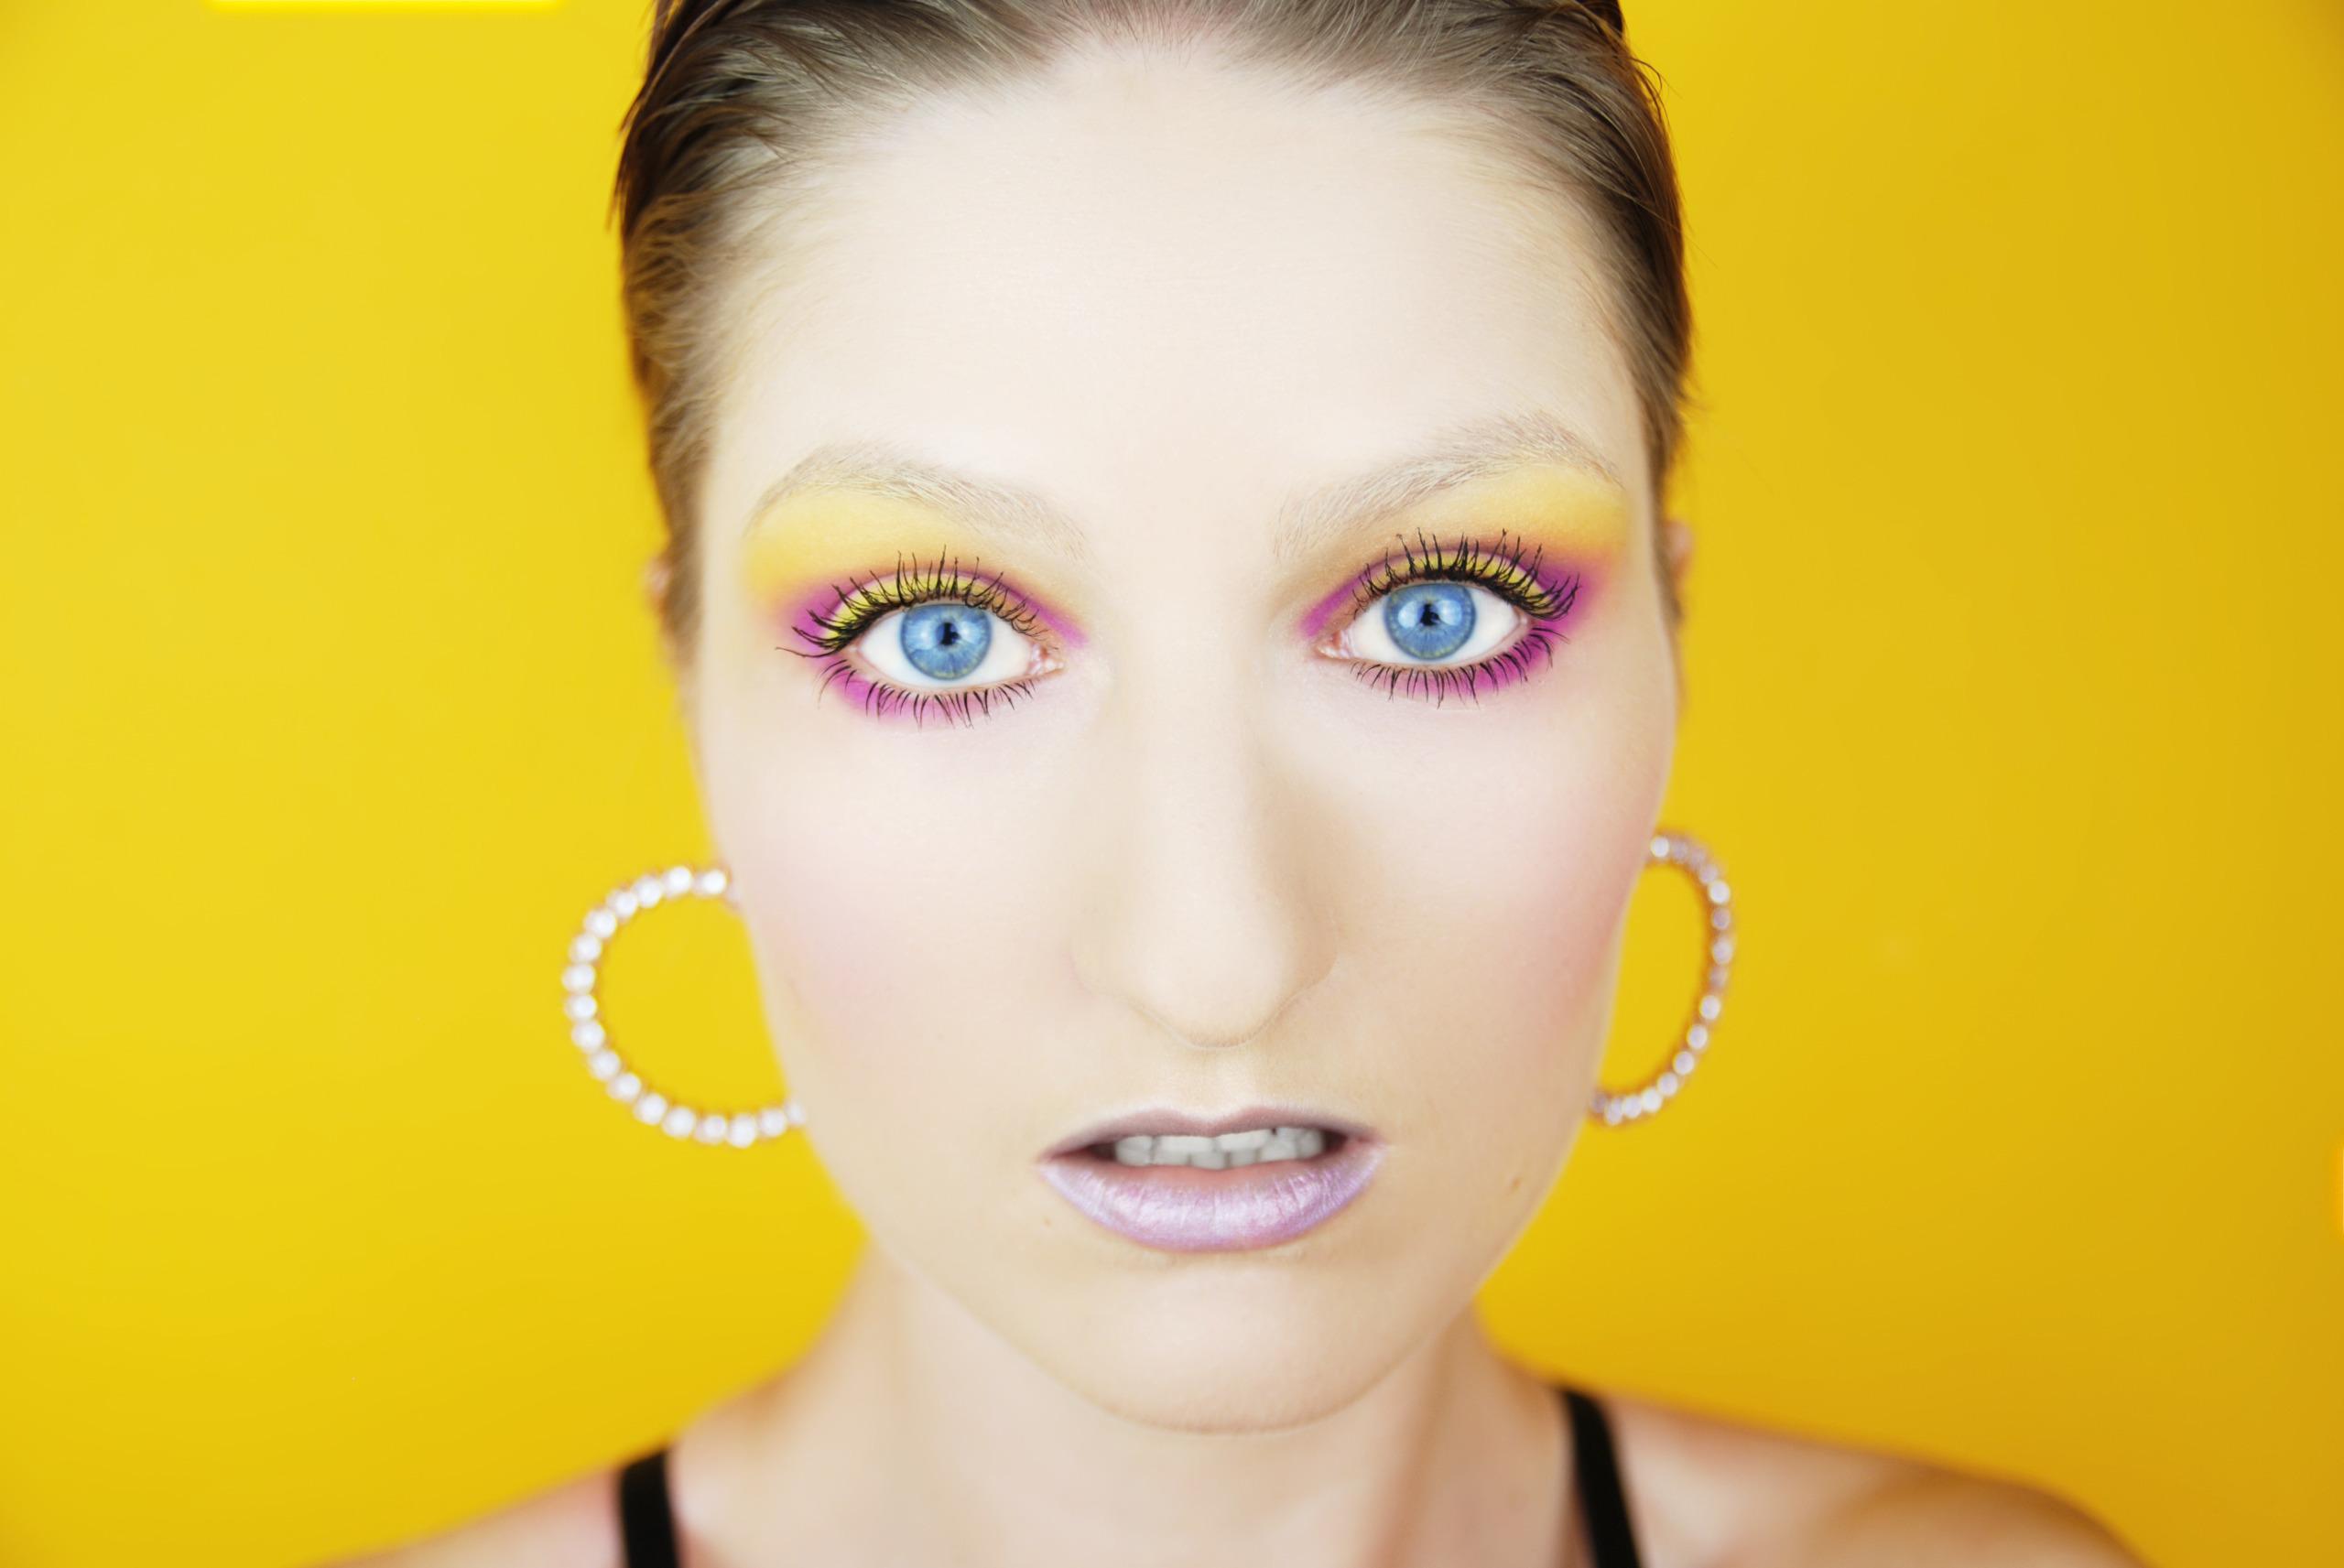 Make-up inspirowany obrazem. M10_by_Wojciech Fangor